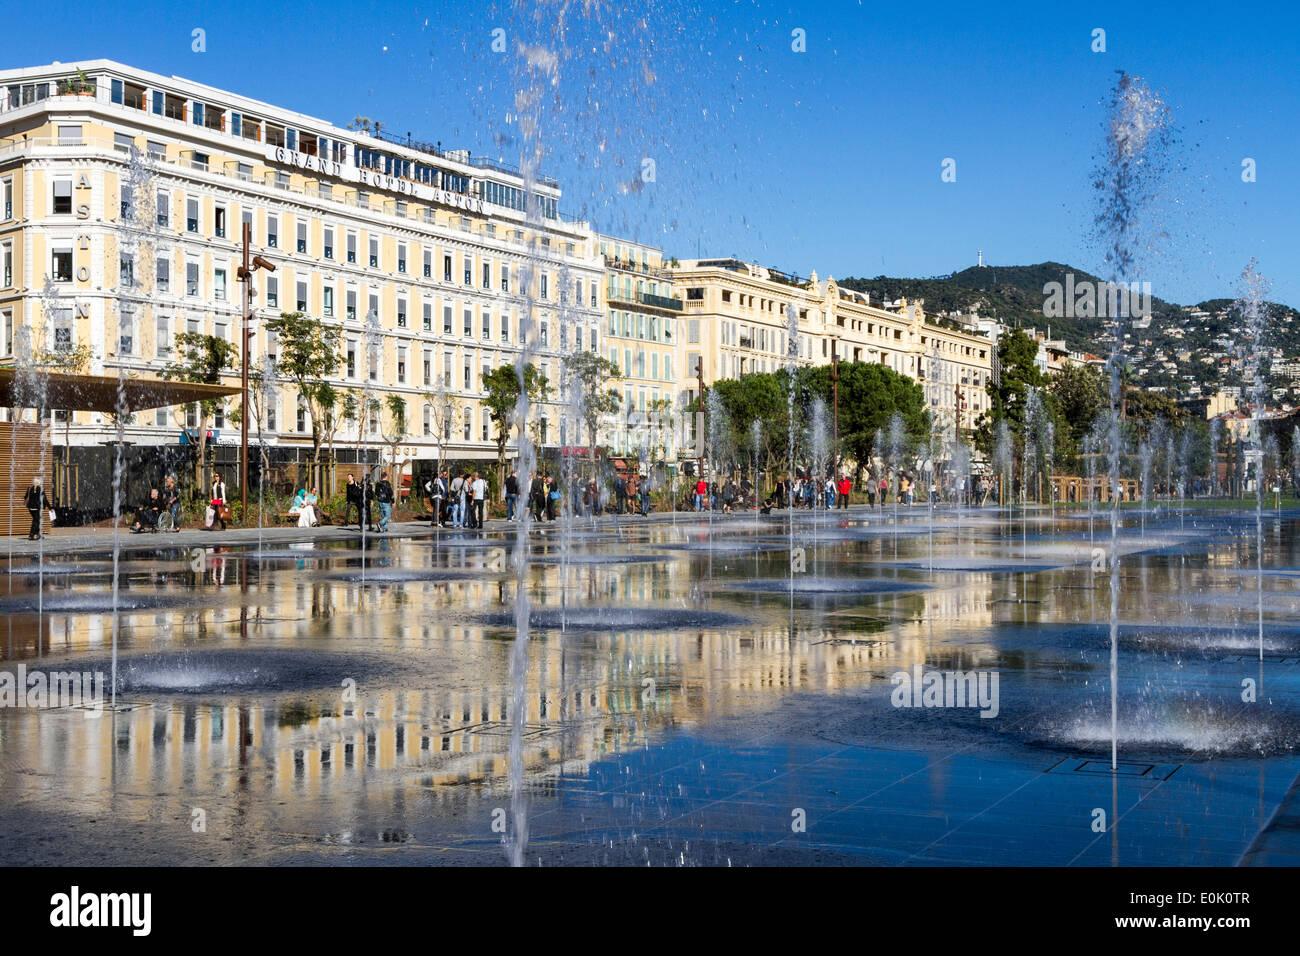 Miroir d'eau, Espace Massena, Nice, Côte d'Azur, France Photo Stock